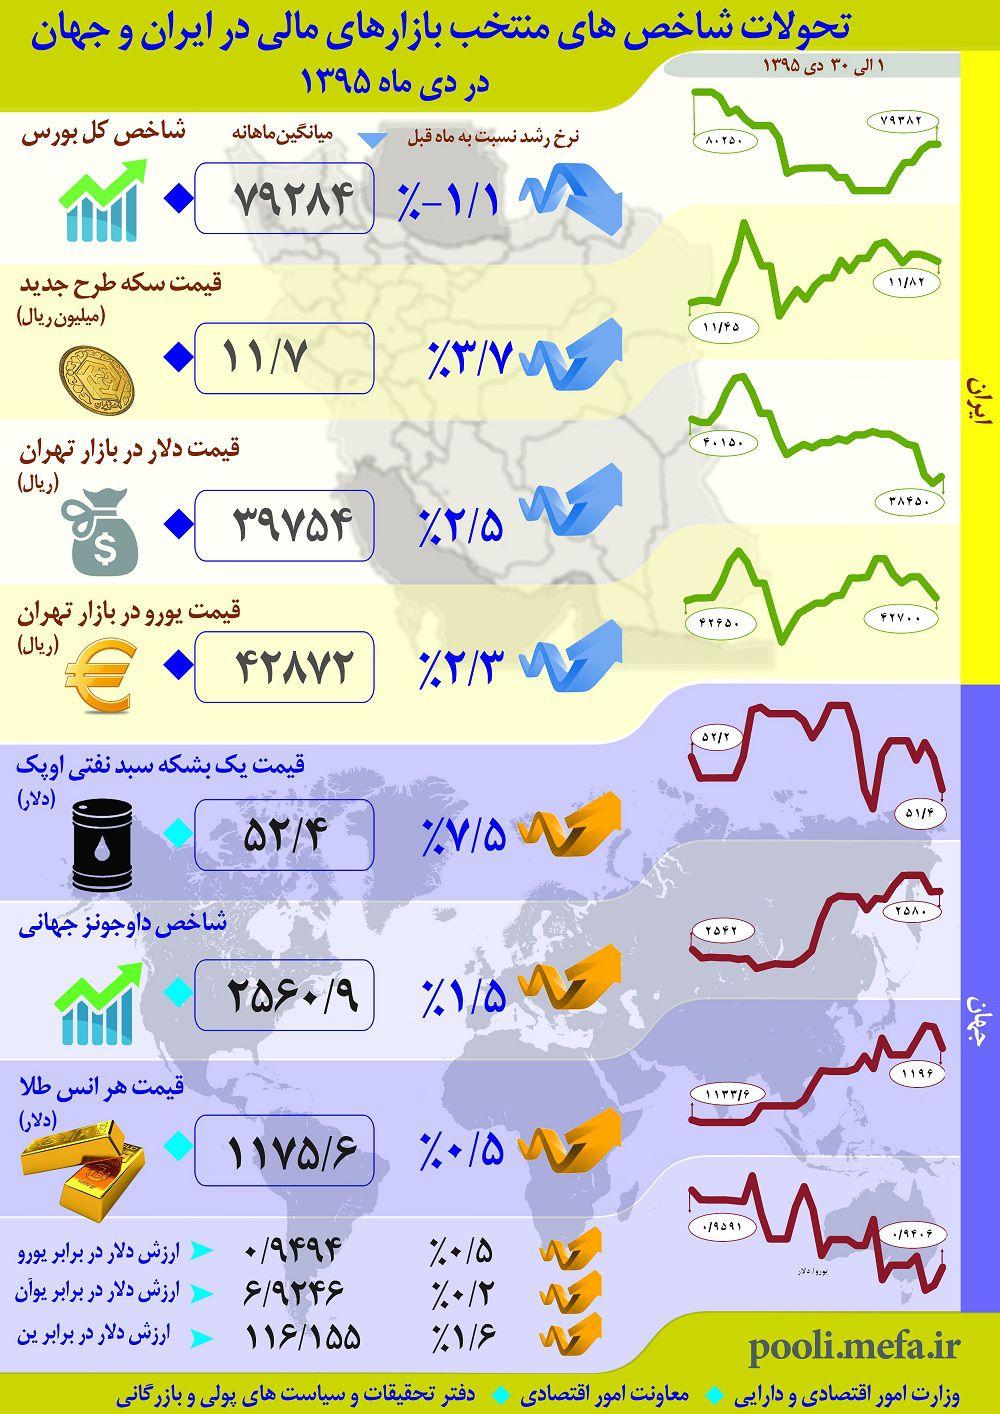 اینفوگرافیک تحولات شاخصهای منتخب بازارهای مالی